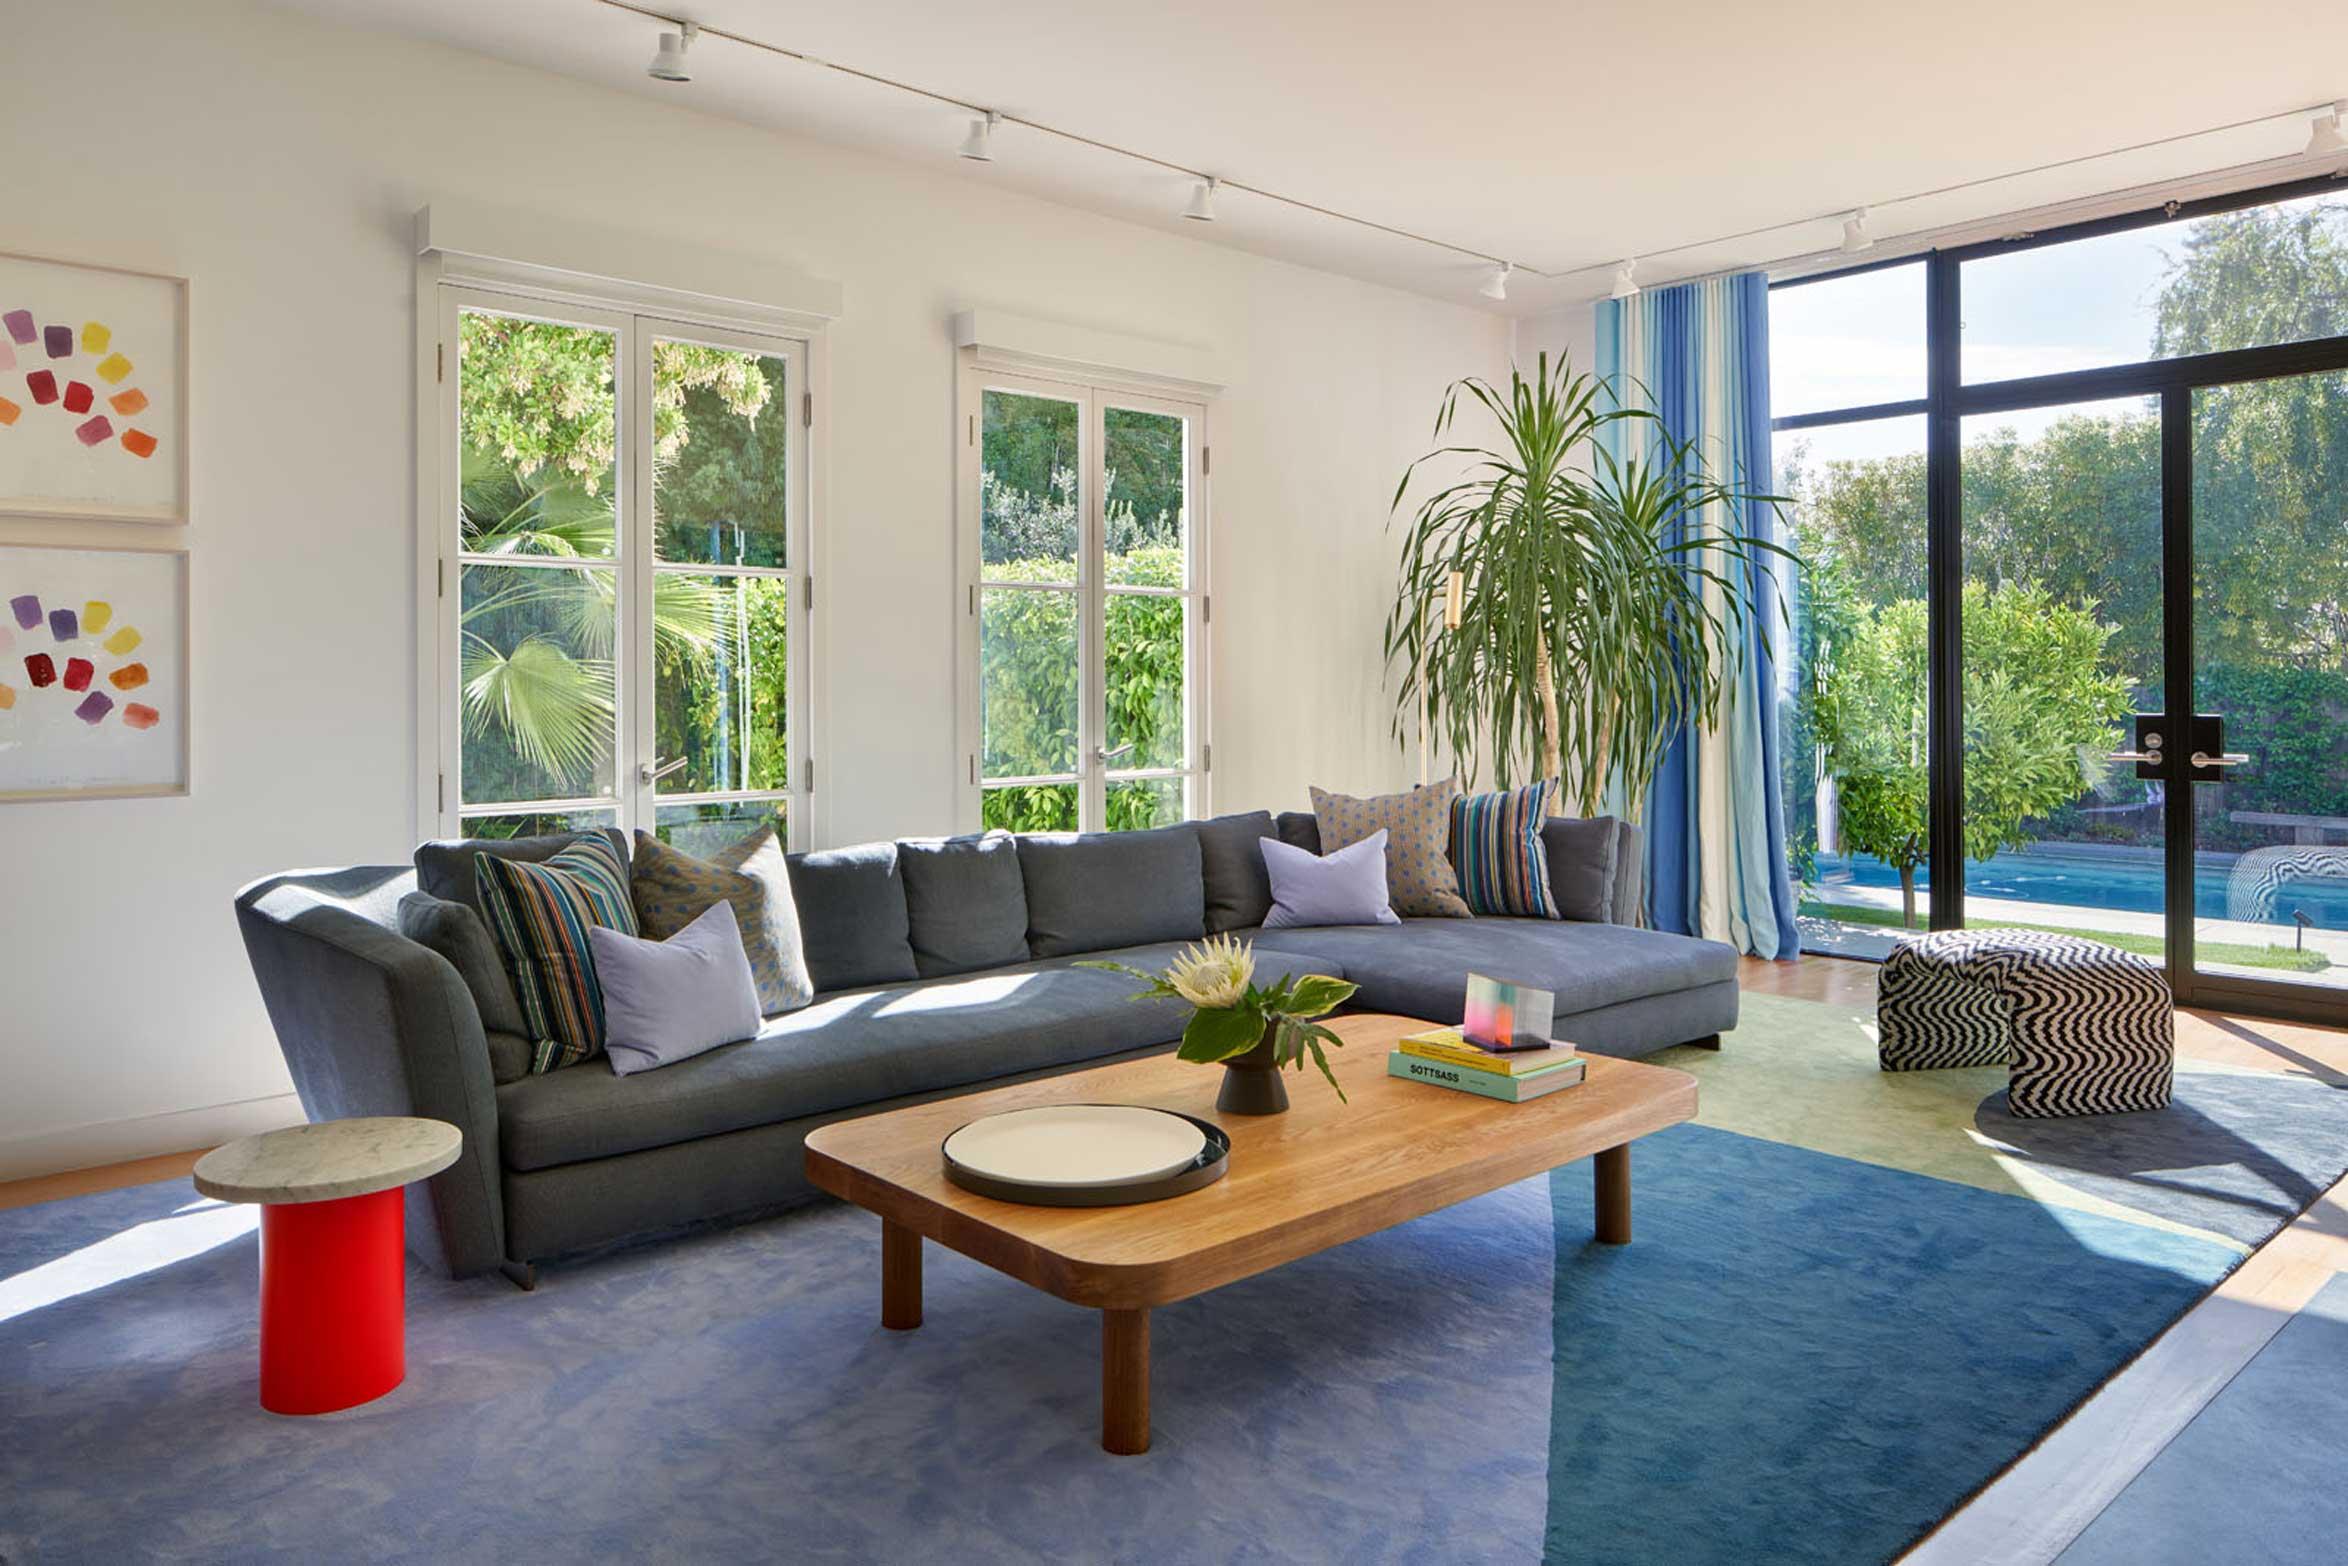 No Ordinary Blue - living room with big windows